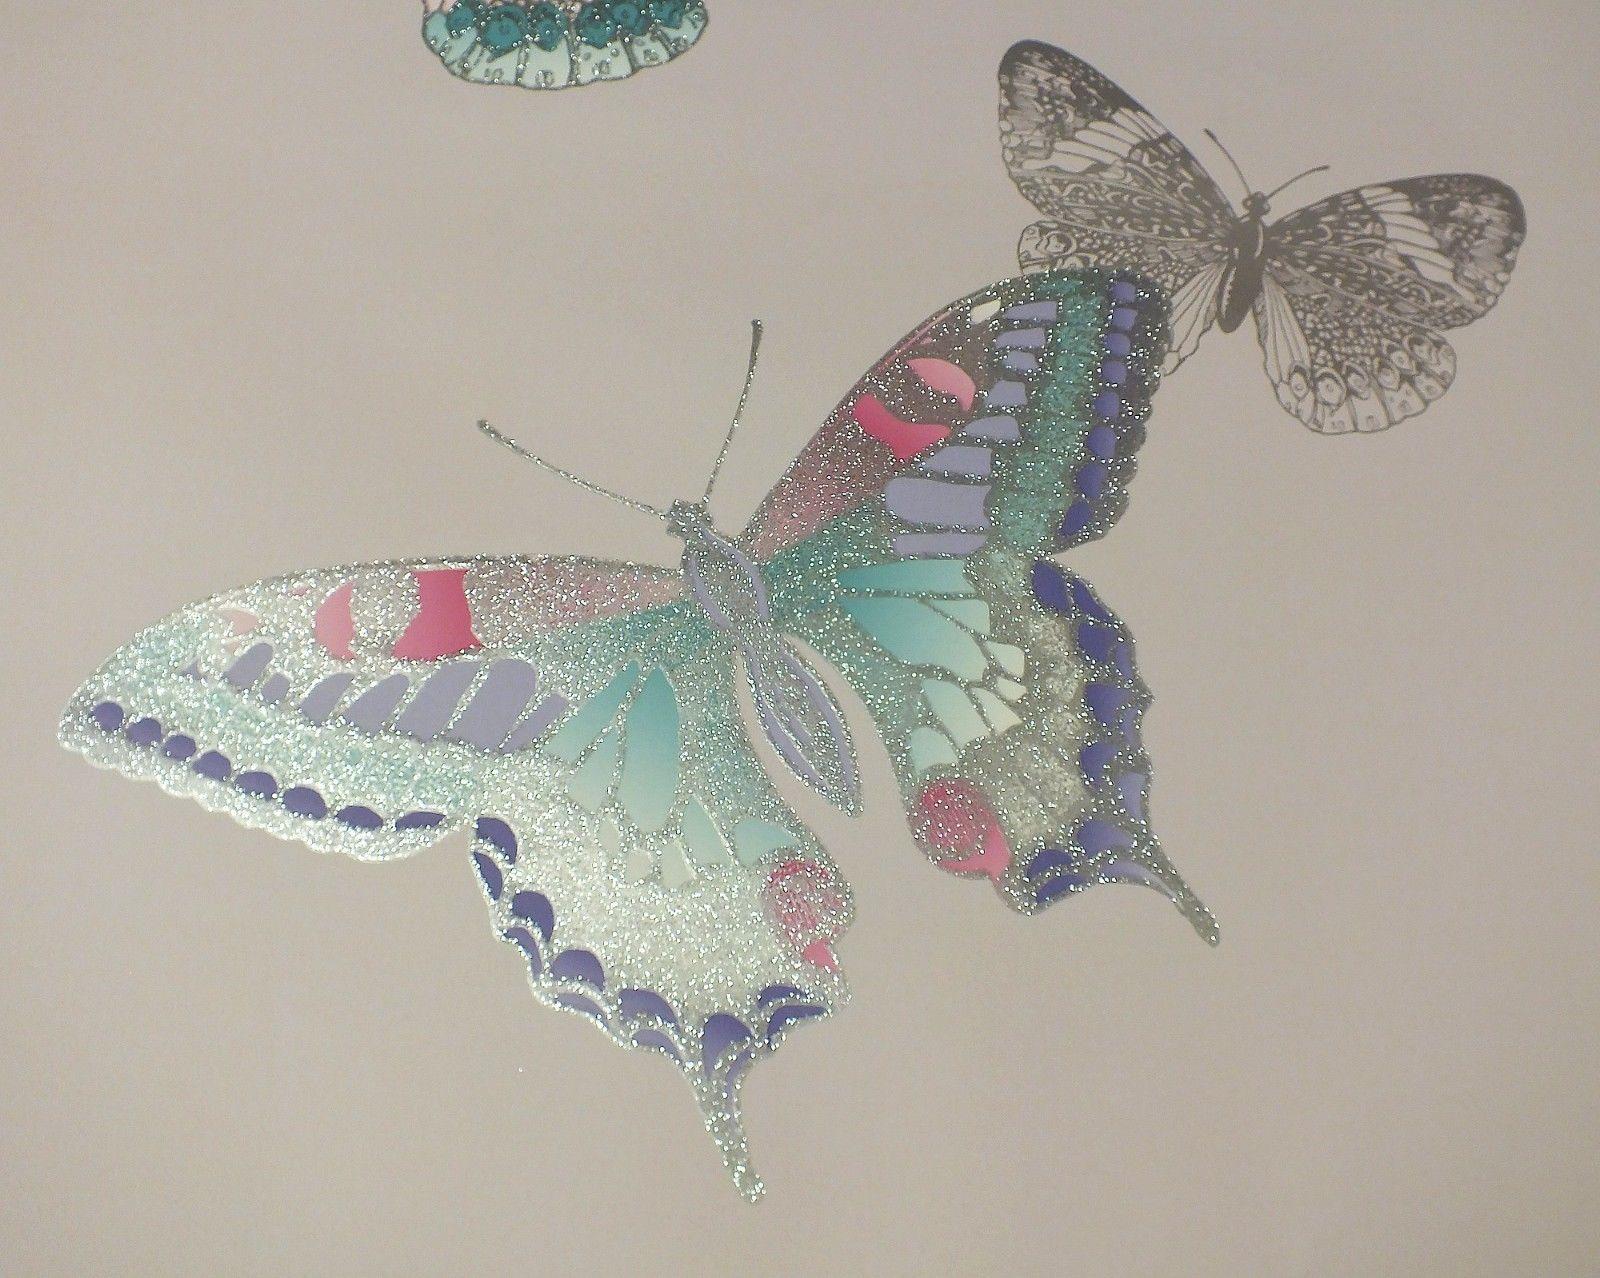 Butterfly Wallpaper Butterflies Luxury Weight Glitter ...